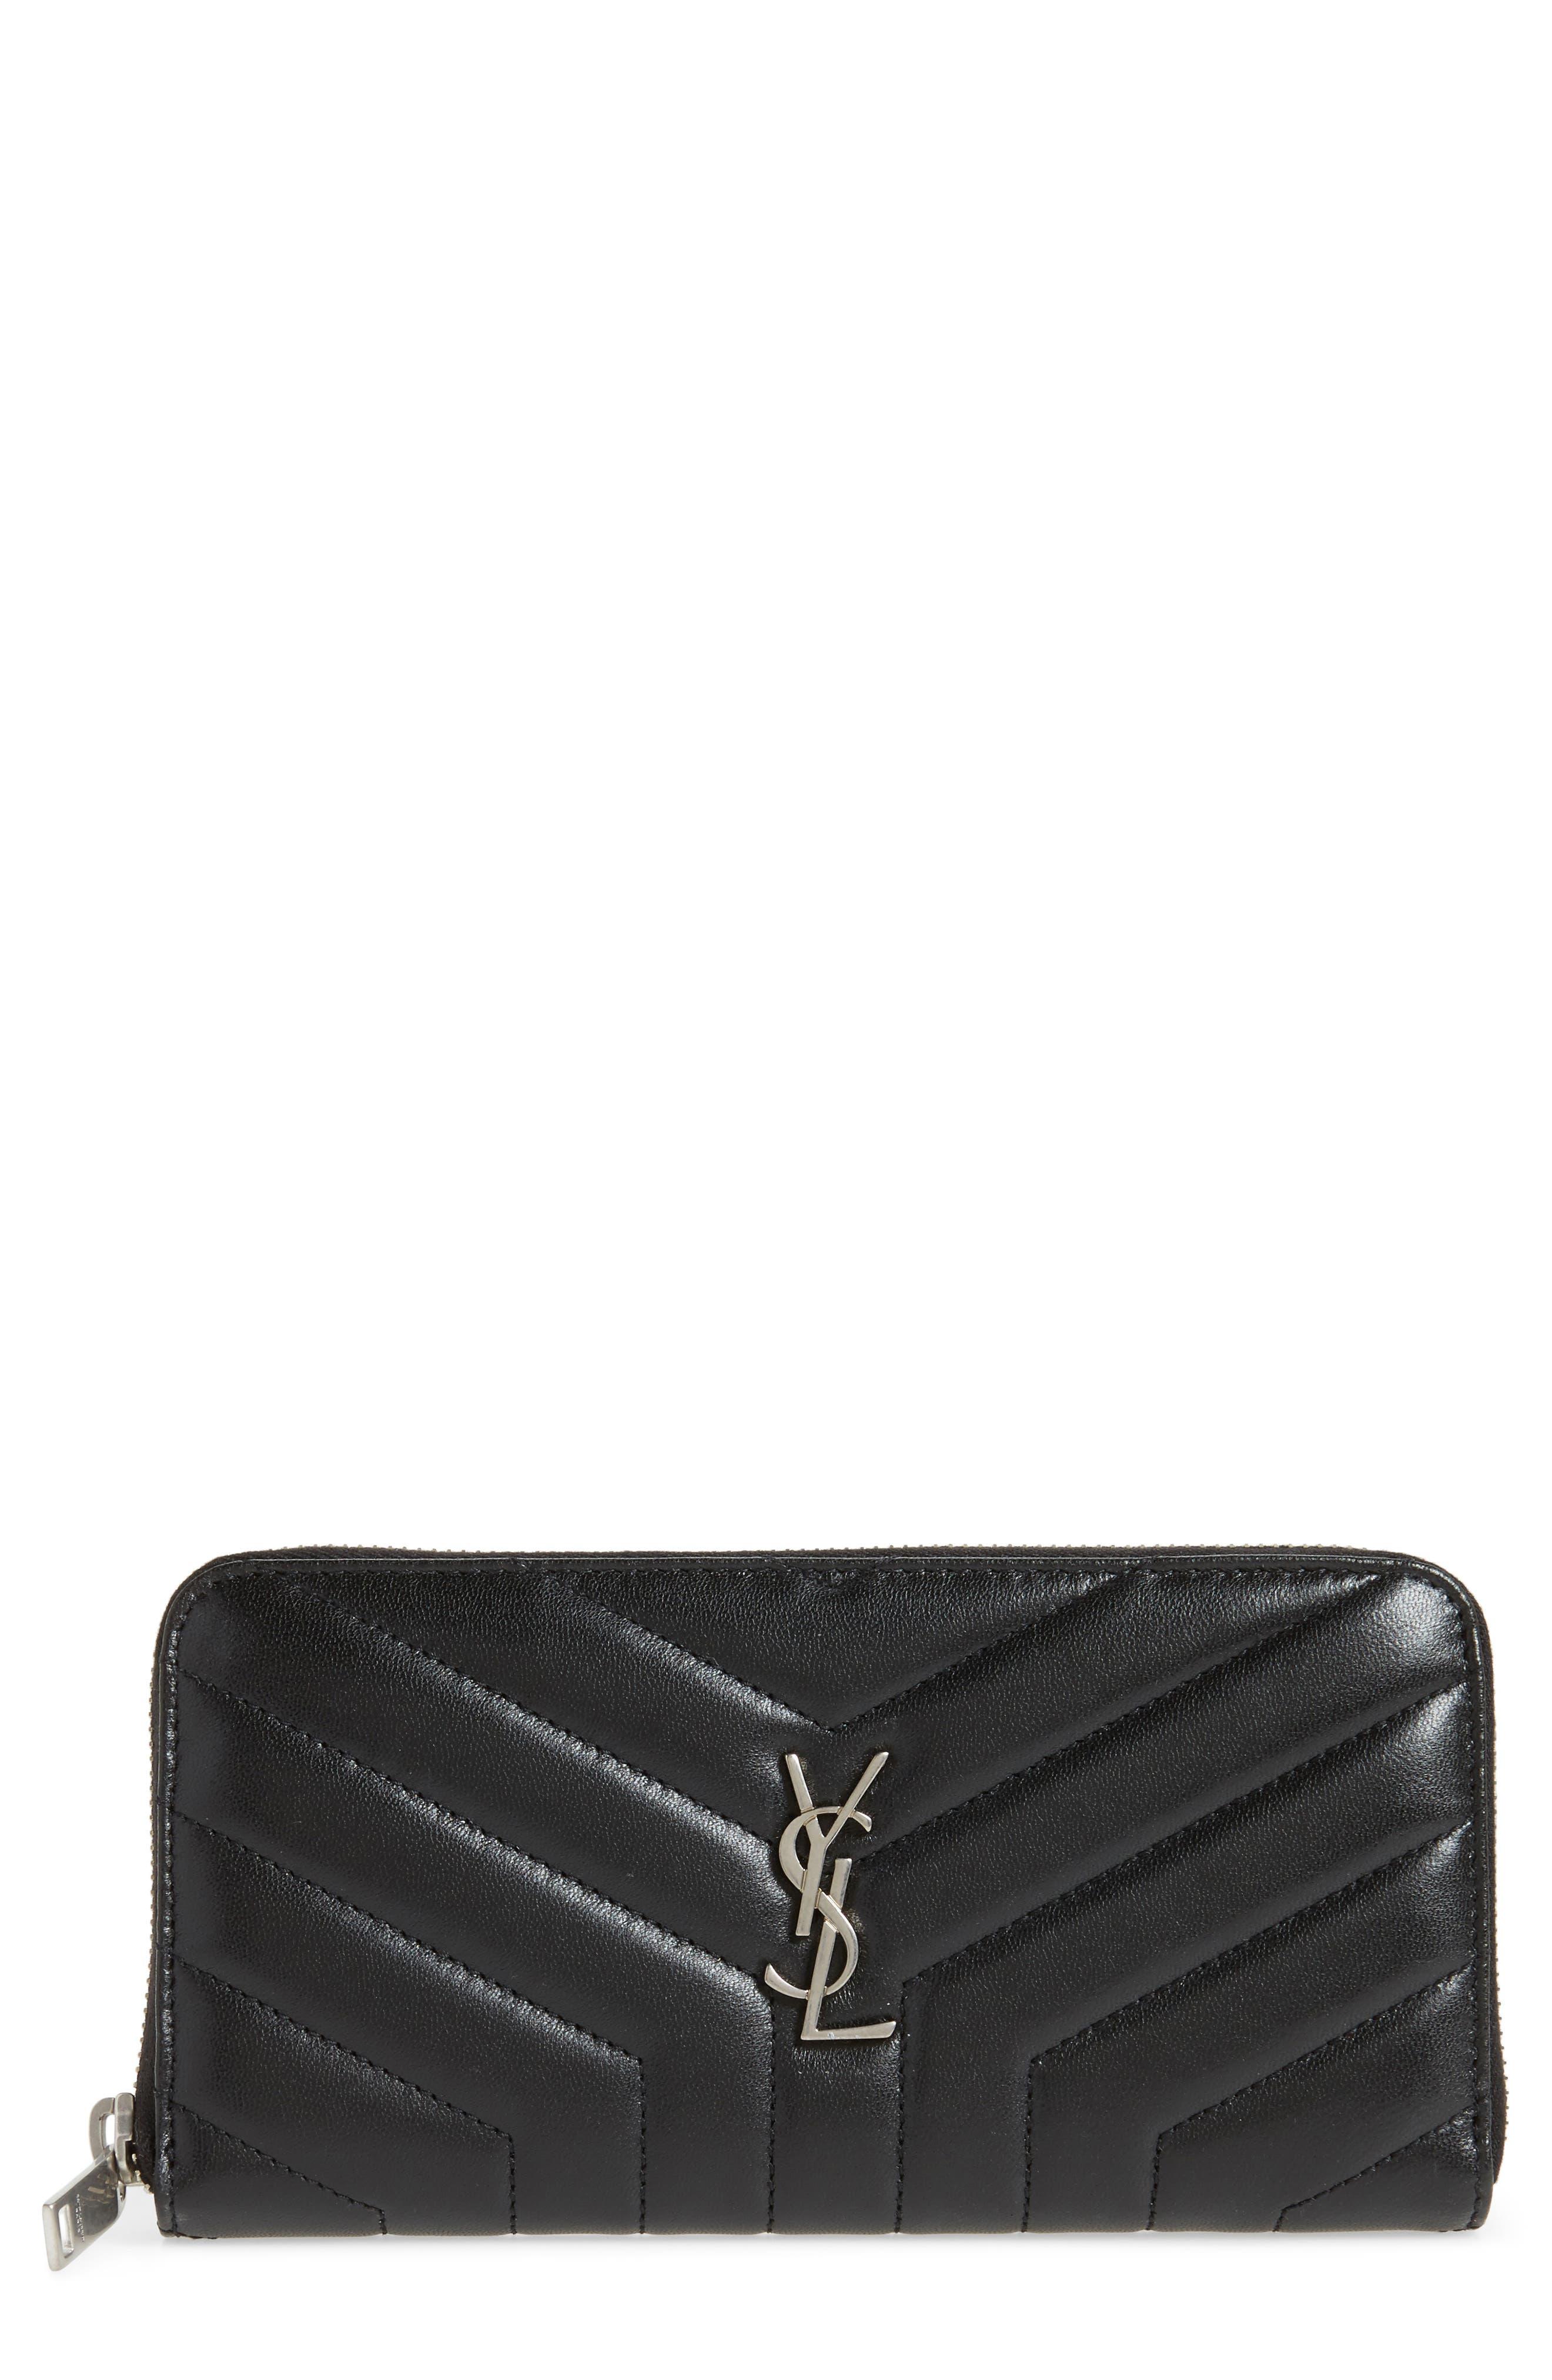 Loulou Matelassé Leather Zip-Around Wallet,                             Main thumbnail 1, color,                             NOIR